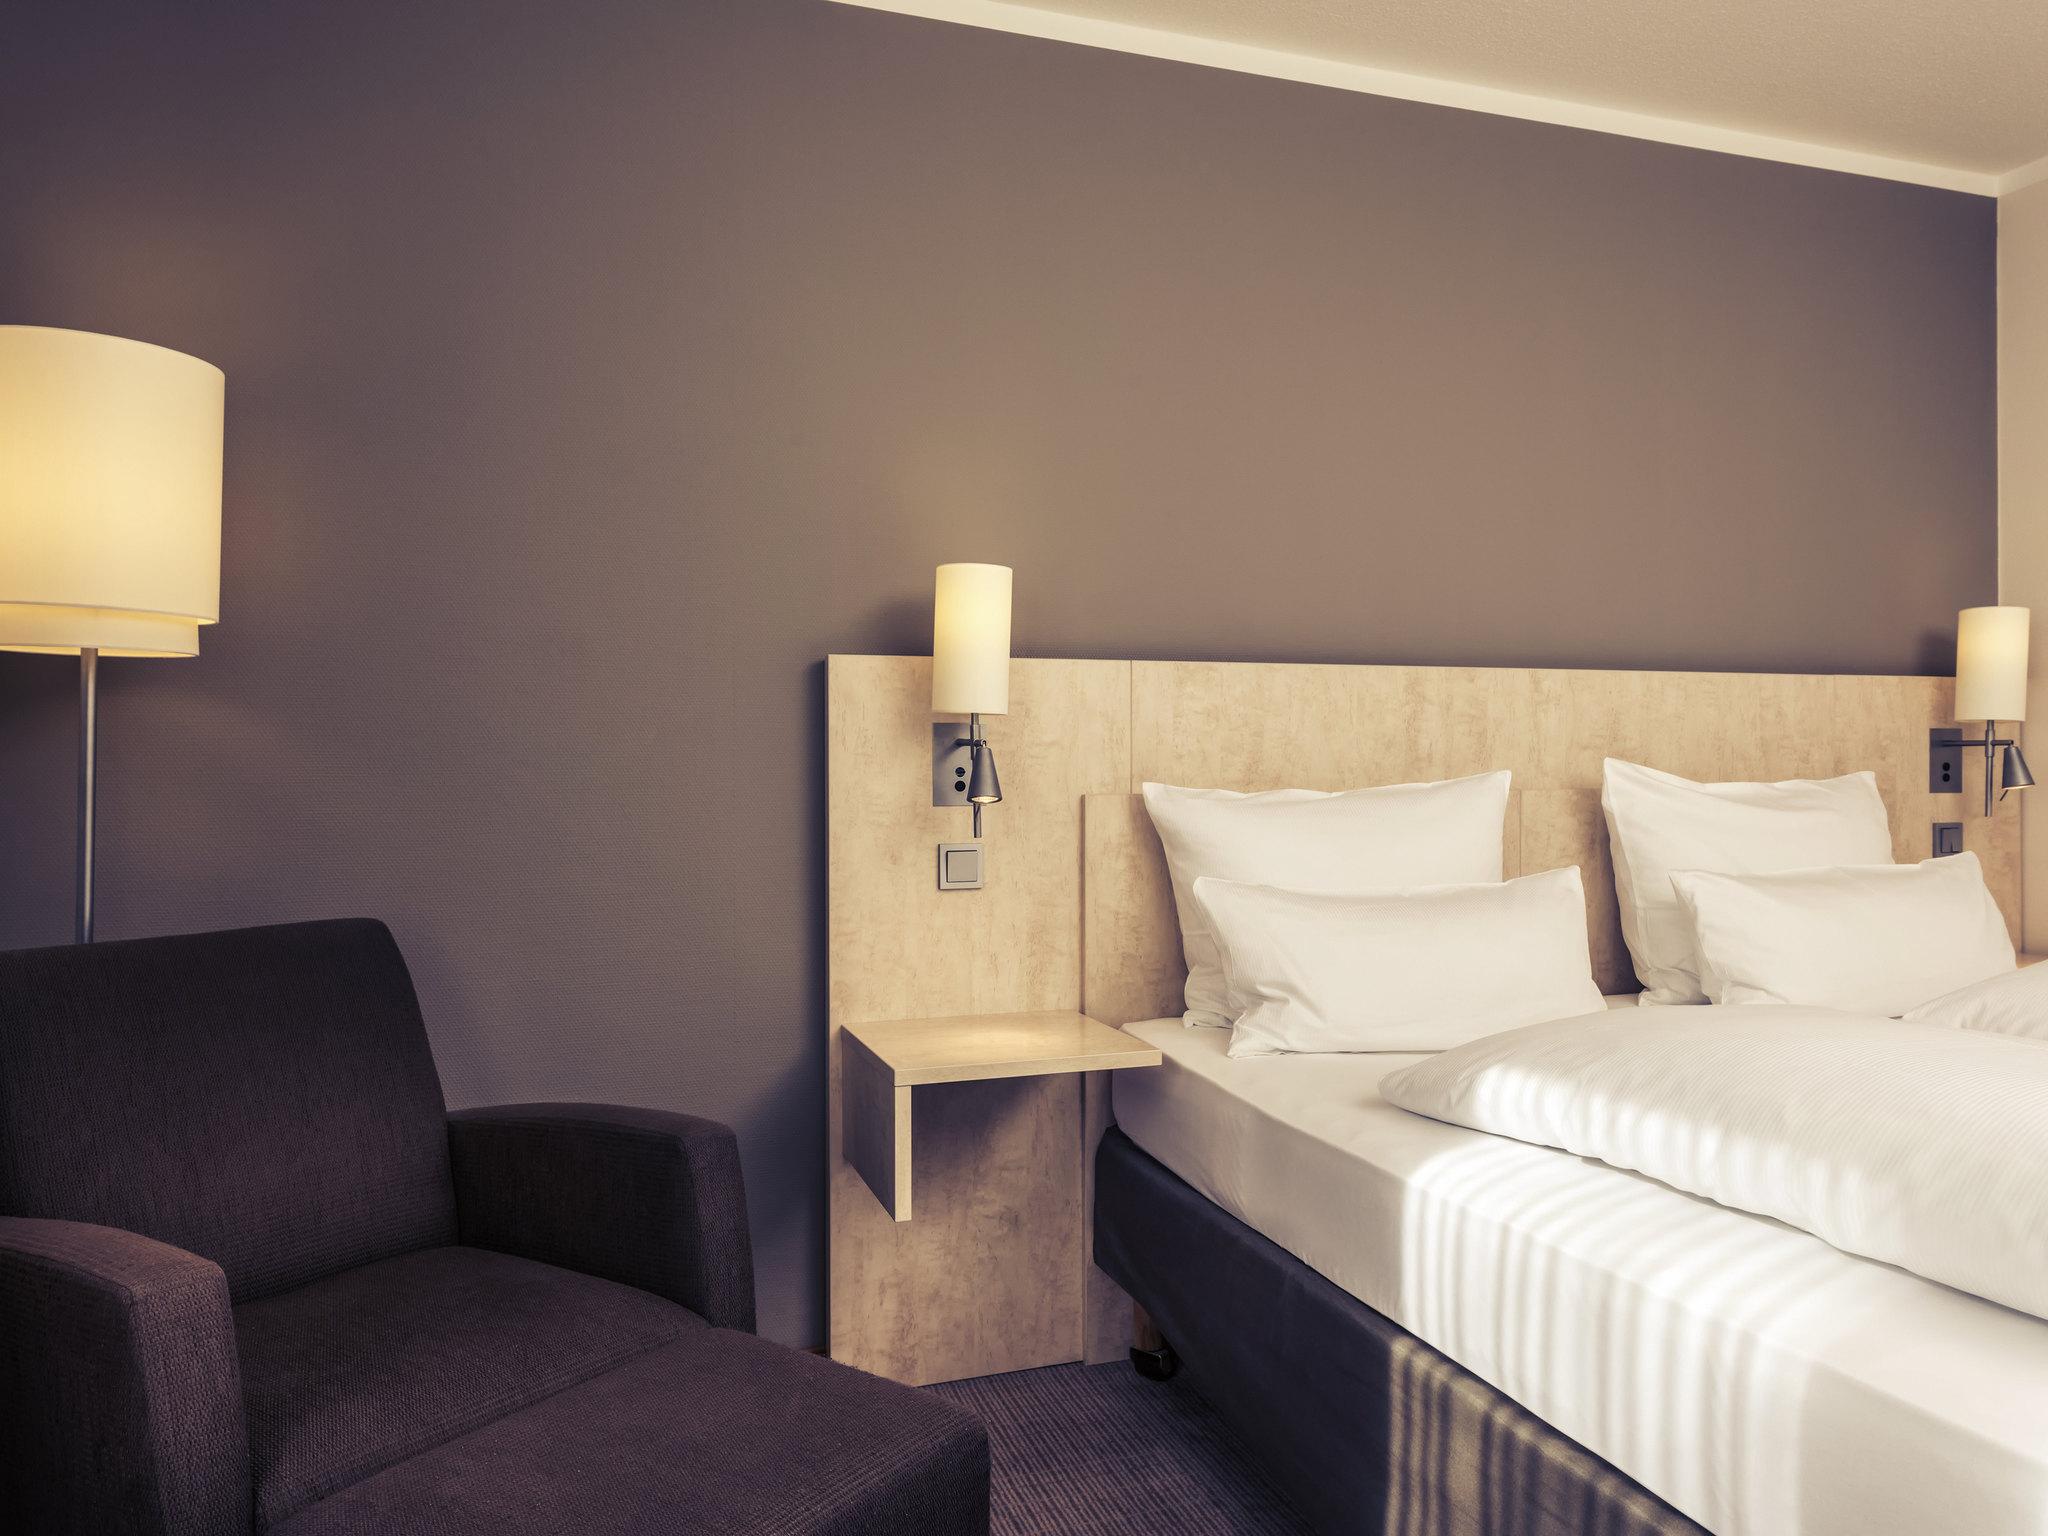 Hotel in BIELEFELD - Mercure Hotel Bielefeld Johannisberg